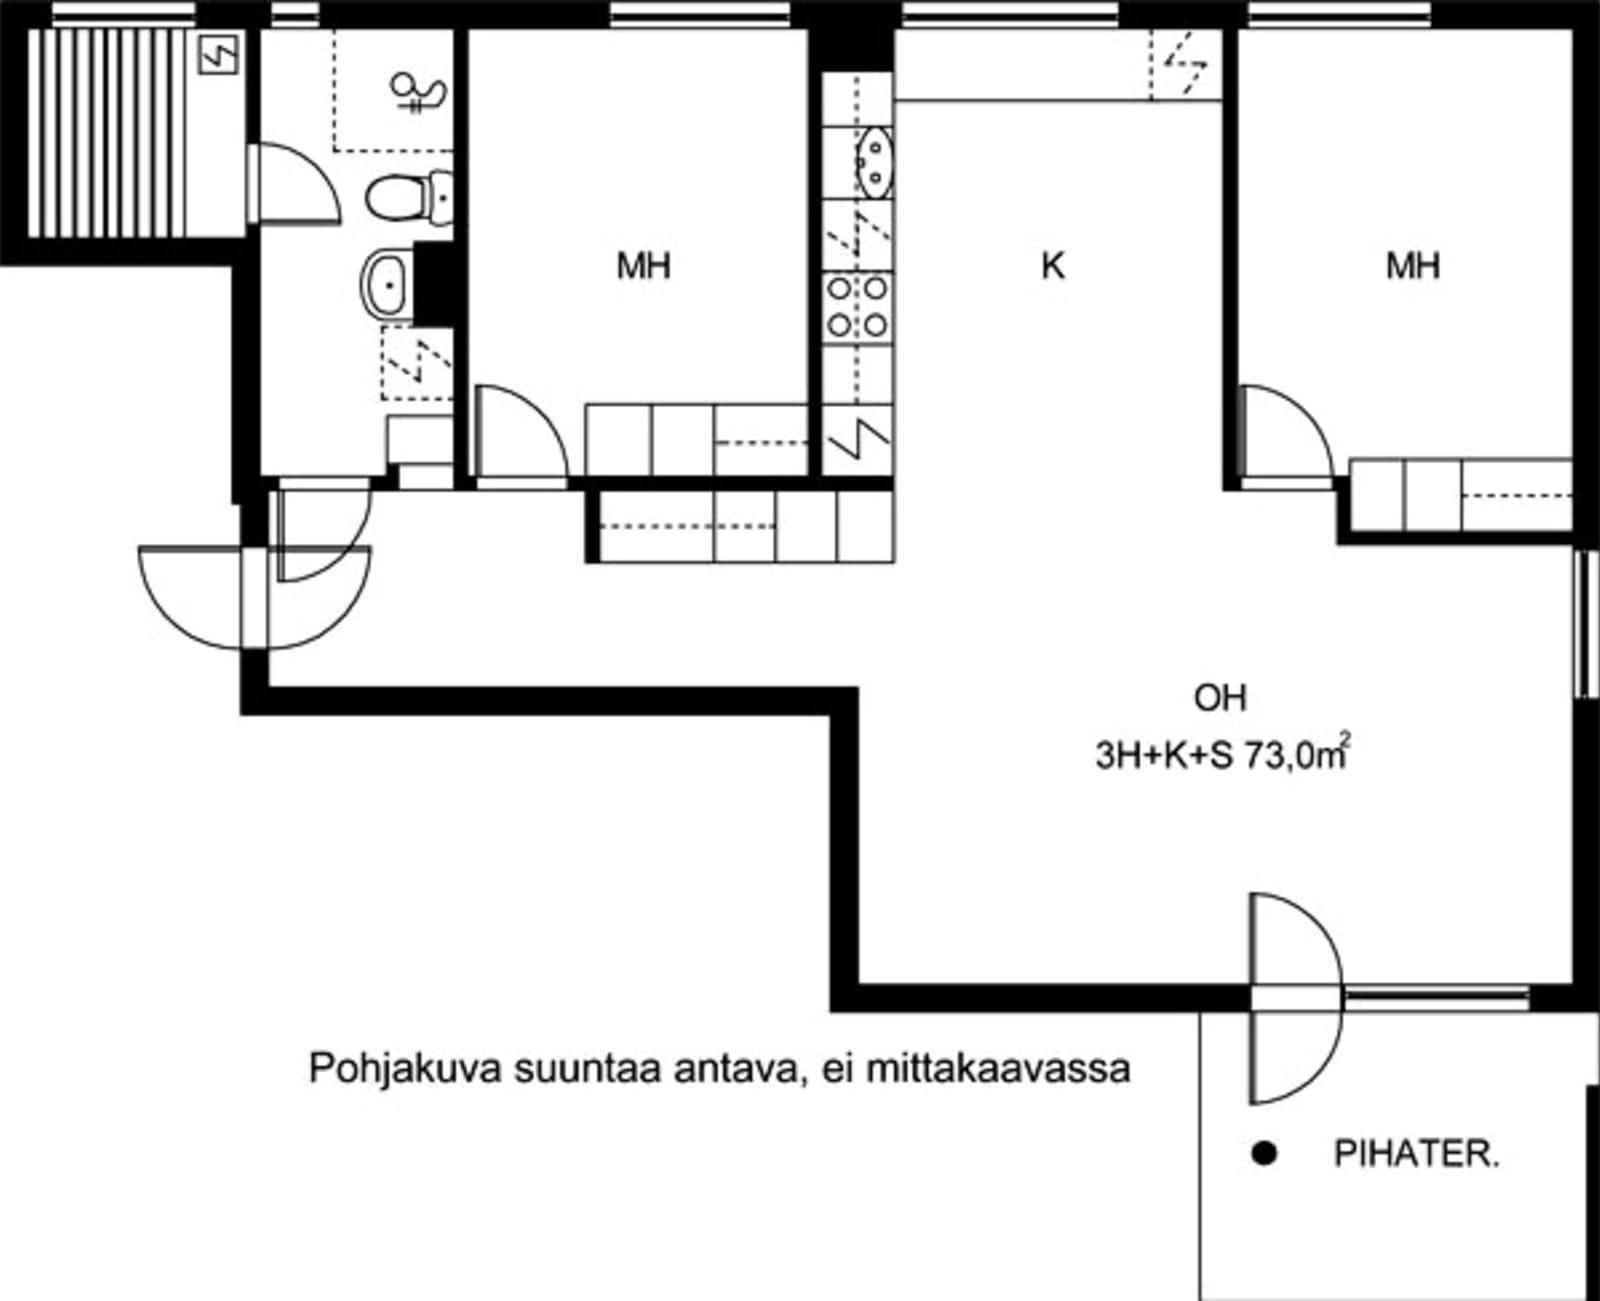 Vantaa, Koivuhaka, Staffaksenkuja 1 D 039